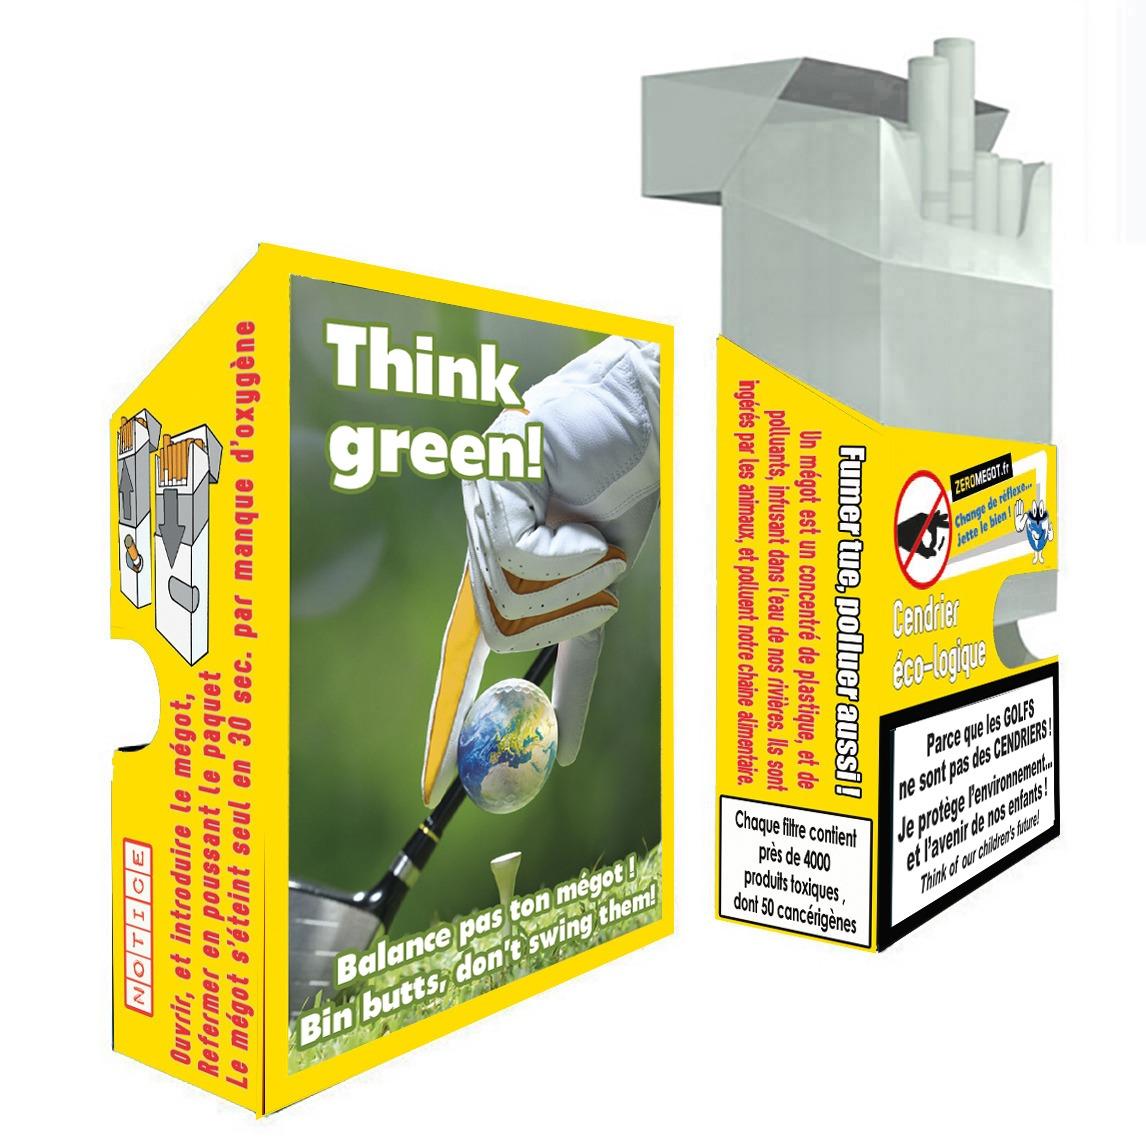 Pocket zero megot golf